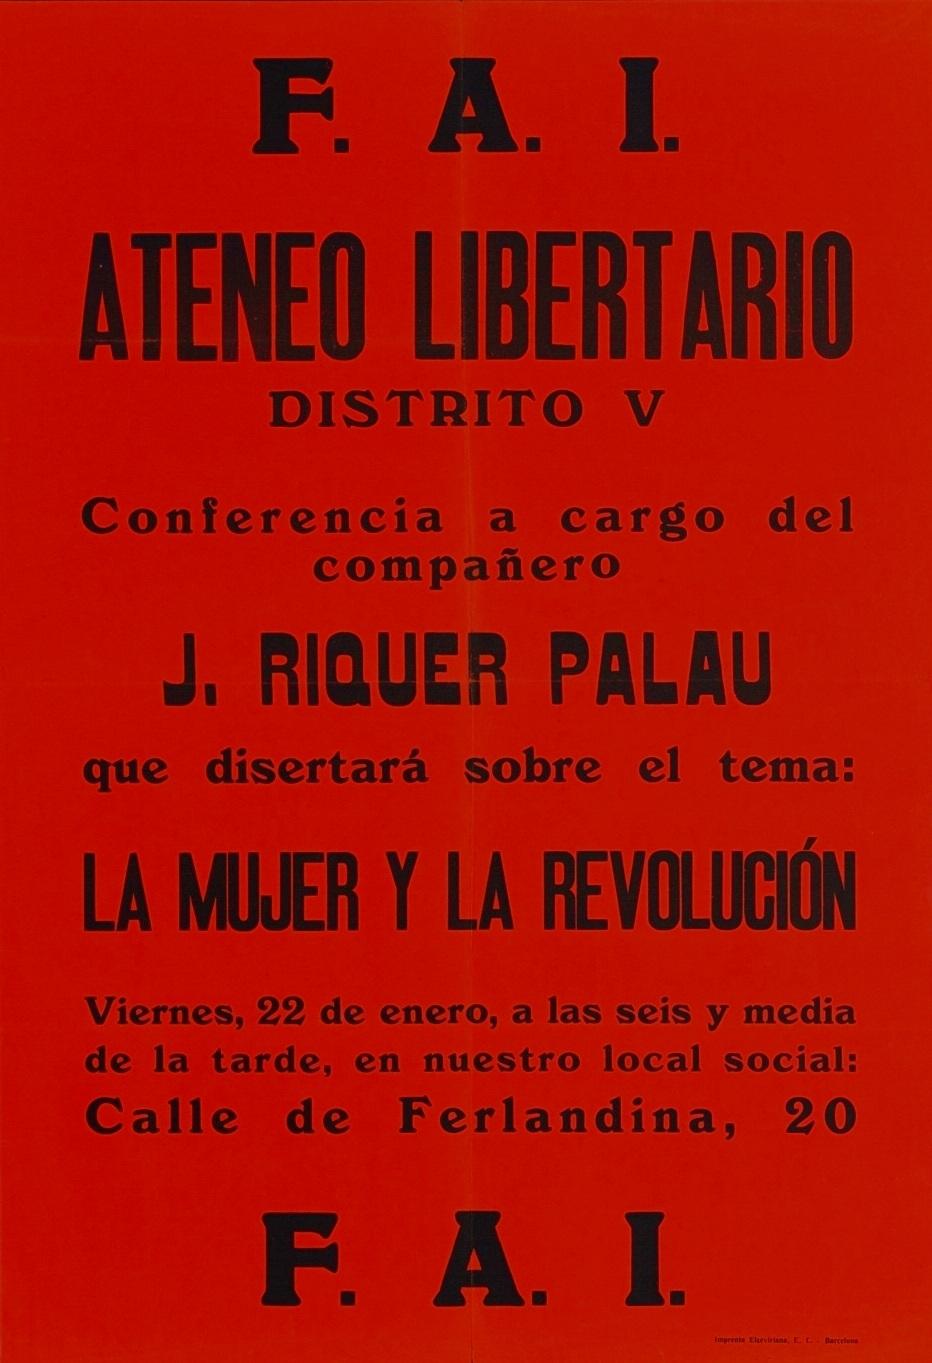 Cartell de la conferència de Josep Maria de Riquer i Palau